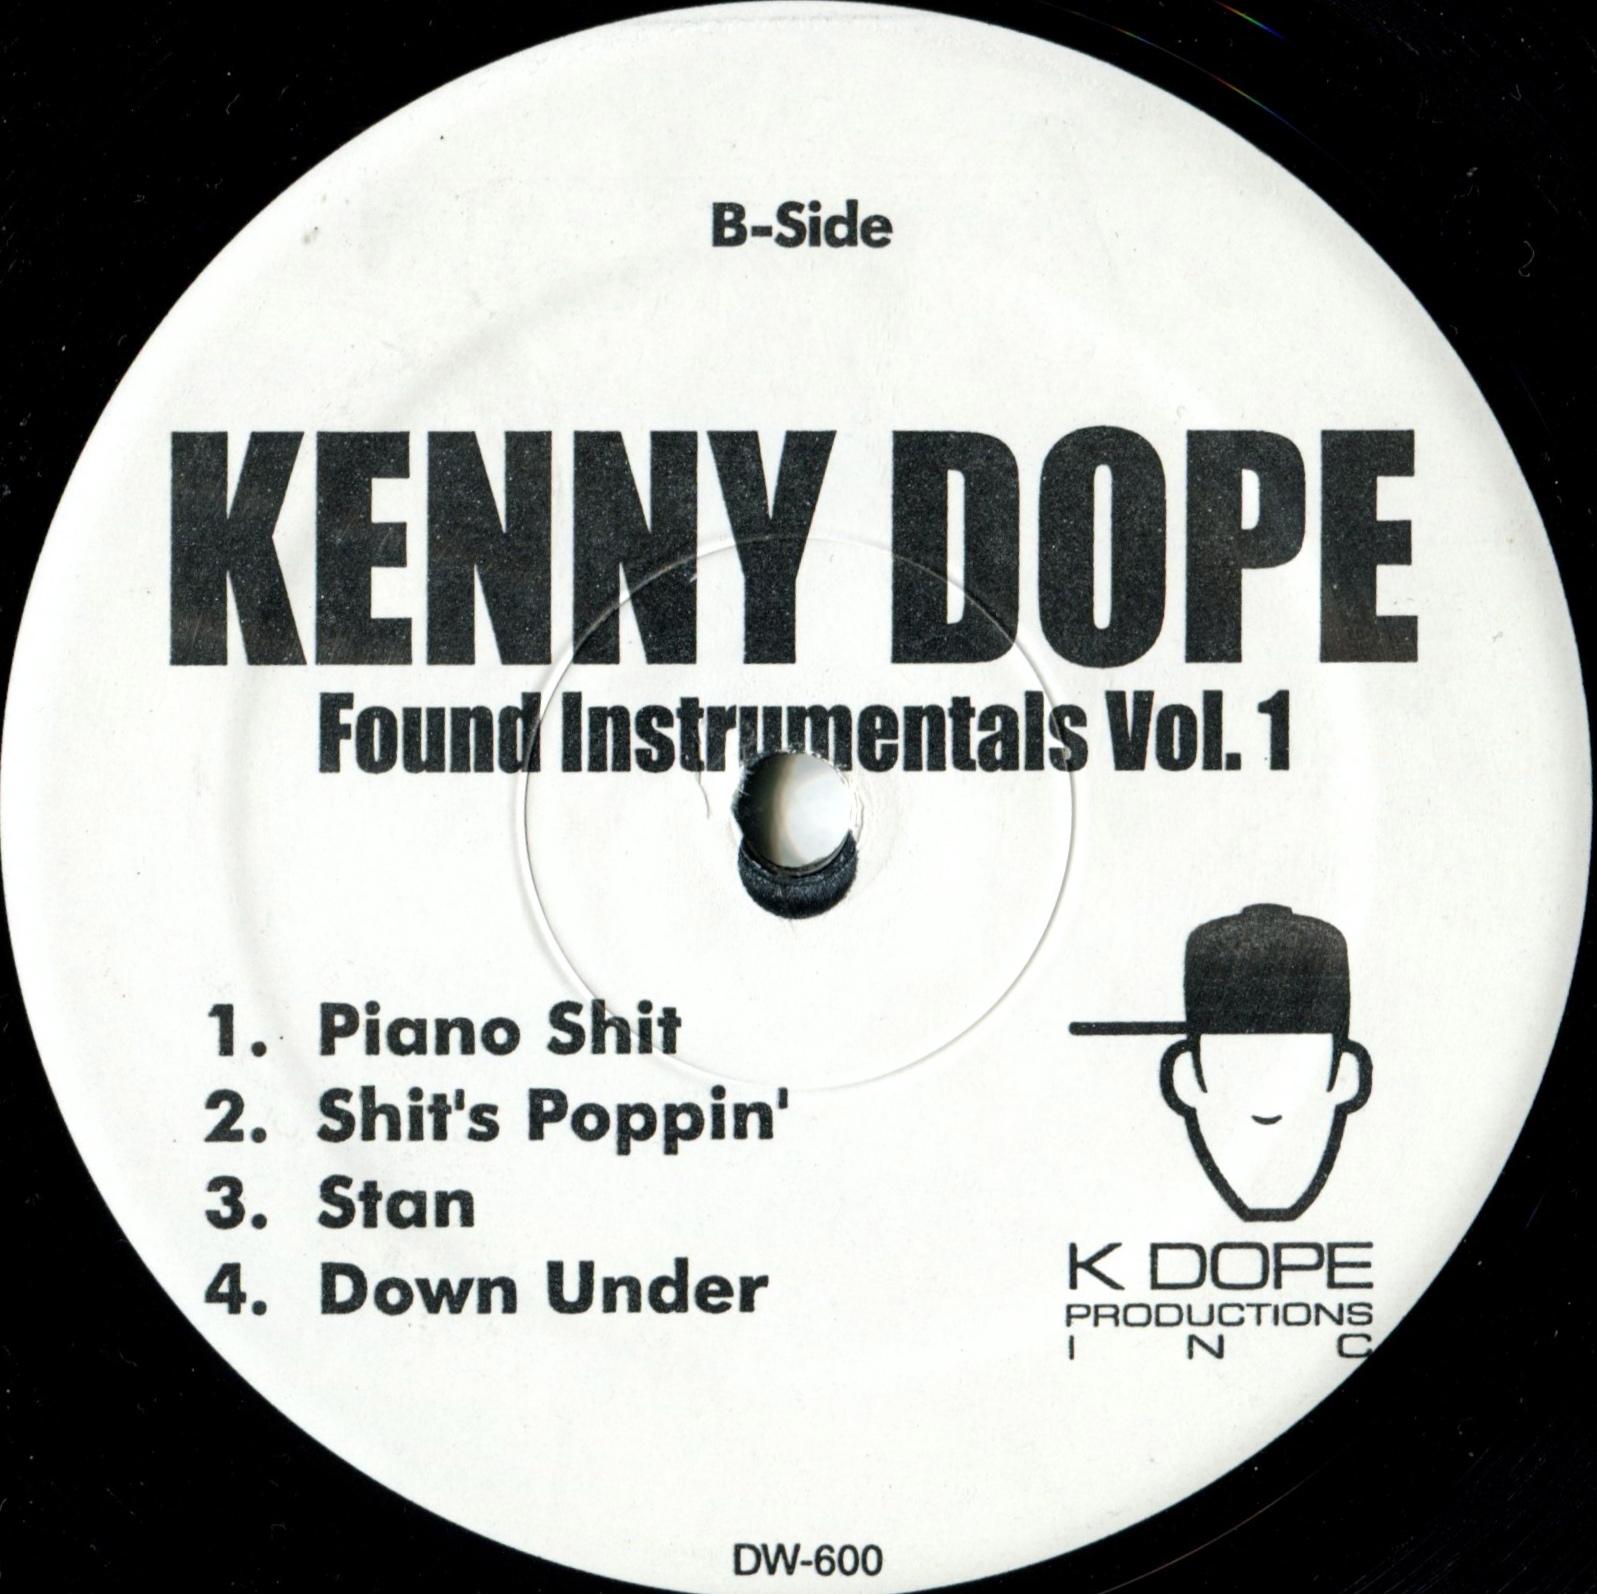 http://2.bp.blogspot.com/-BF94vIMB0i4/UA3ISrWXZqI/AAAAAAAAEnc/FPF8qYLY9bA/s1600/Kenny+Dope+Found+Instrumentals+B.jpg